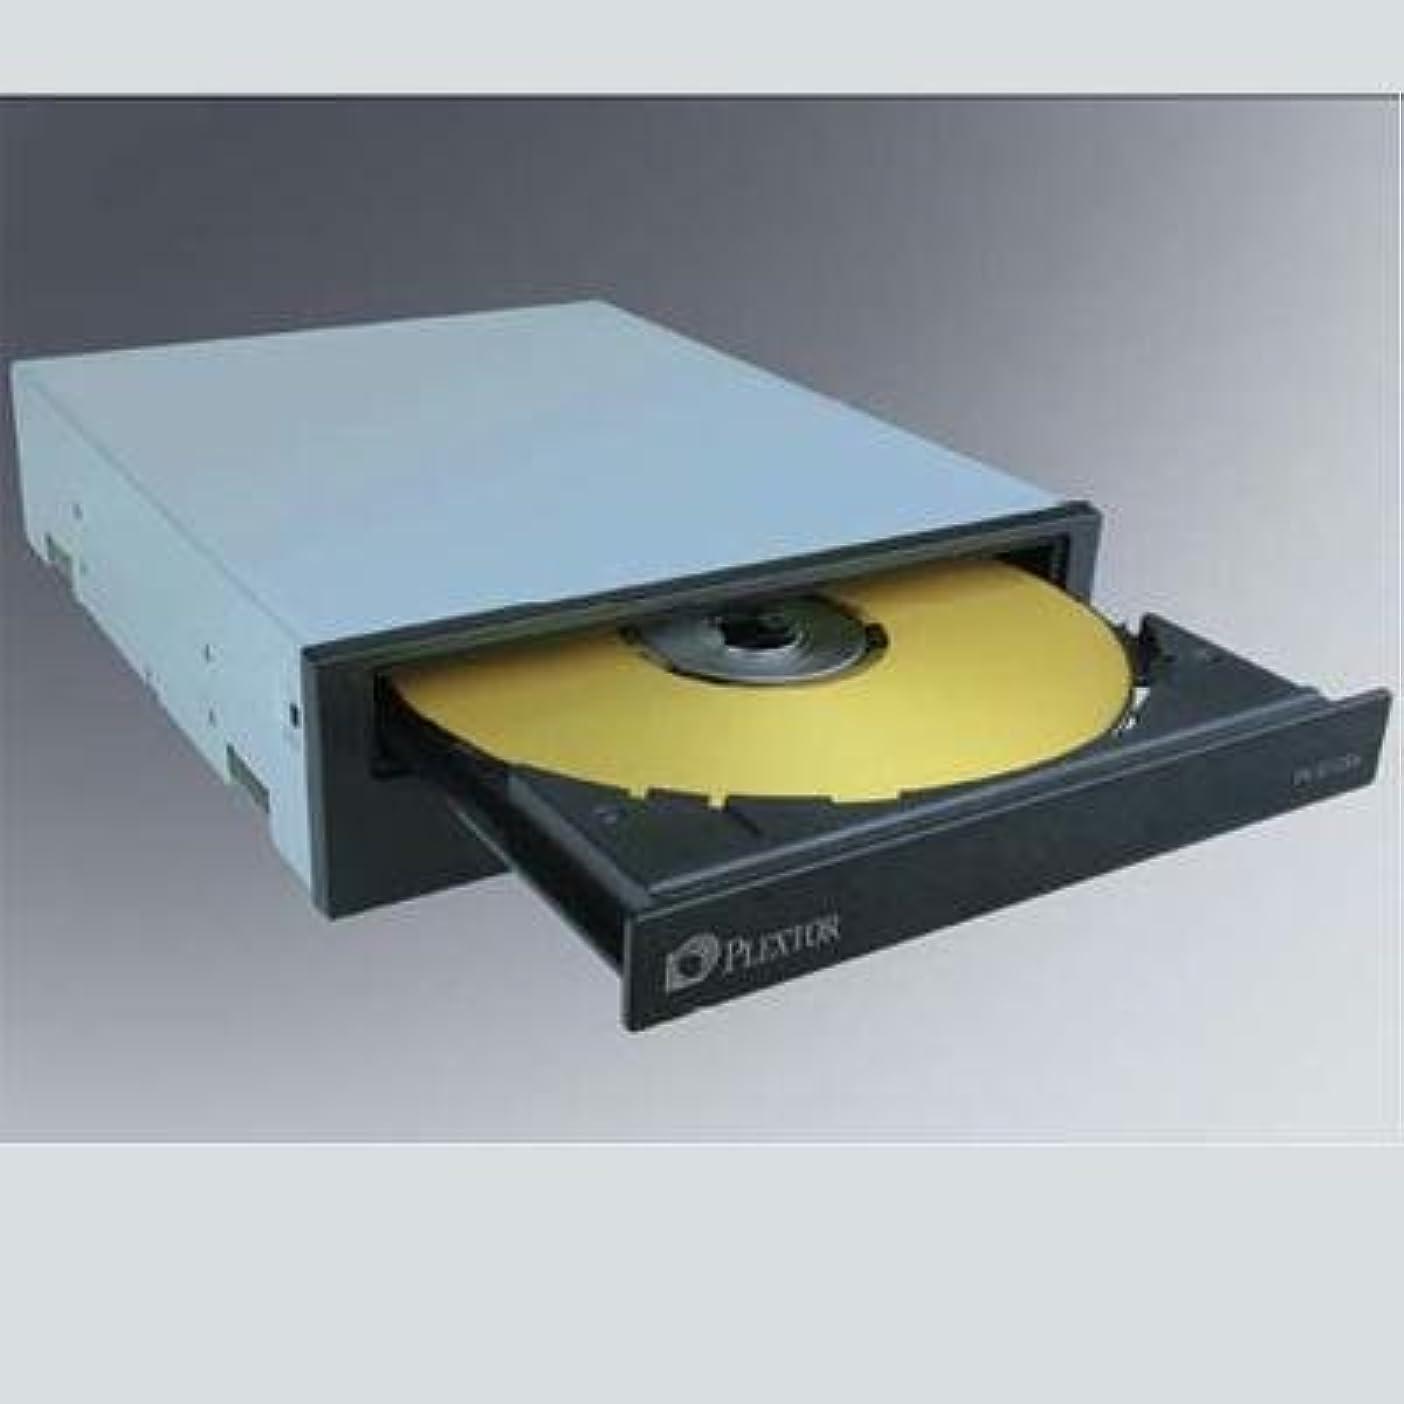 反逆者消去現象Plextor内部DVD 20 X / 8 x / 20 x px-820sa / sw-bl